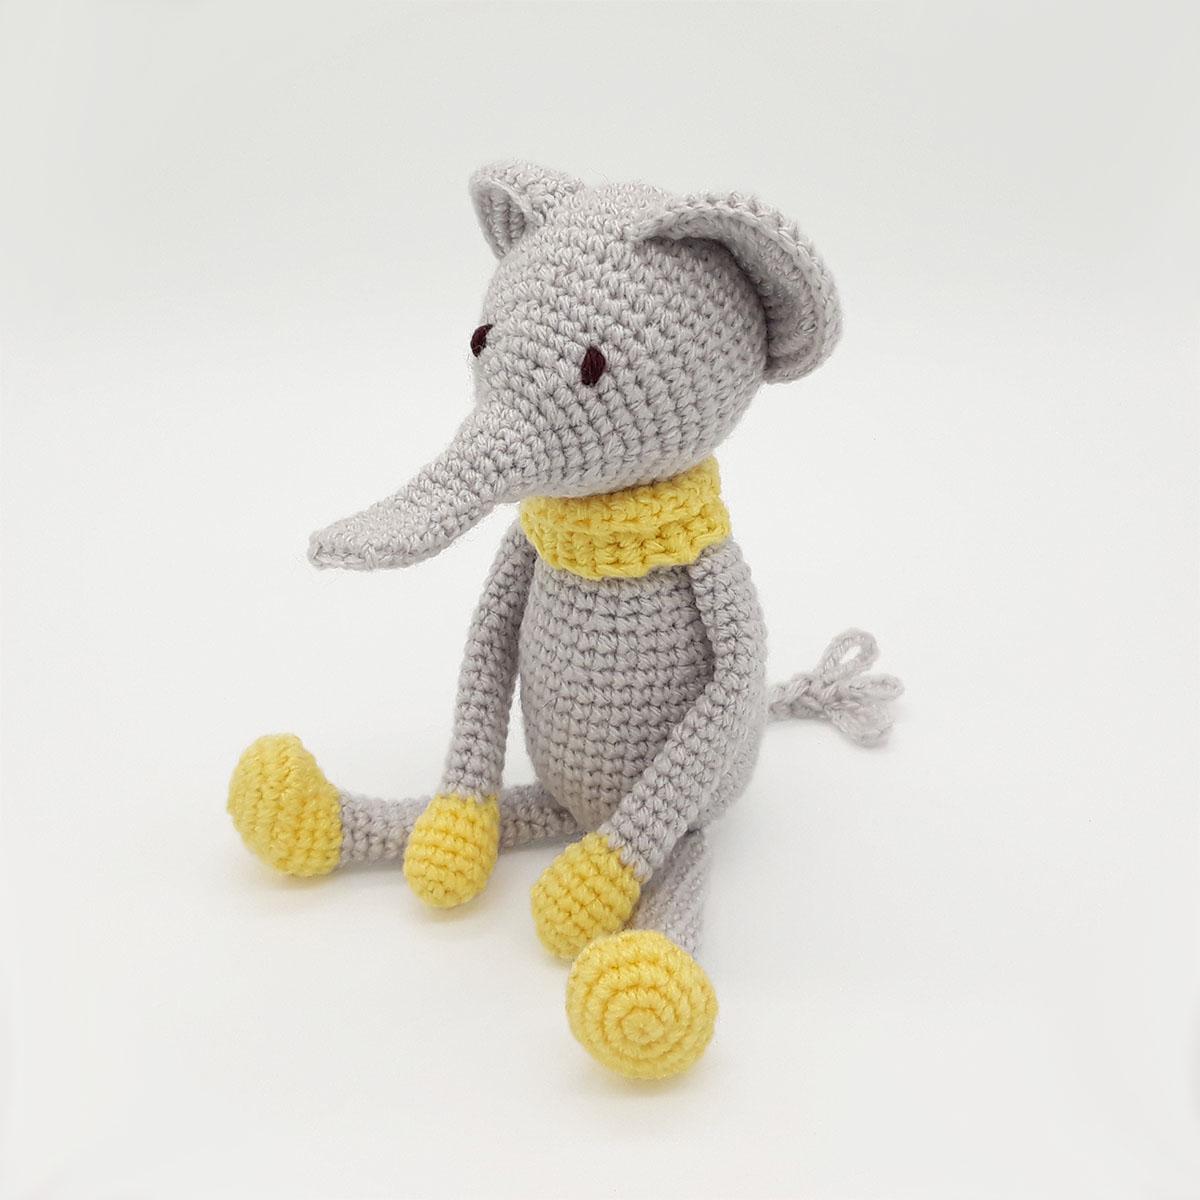 Patron gratuit Amigurumi éléphant au crochet | Les Tricots et ... | 1200x1200